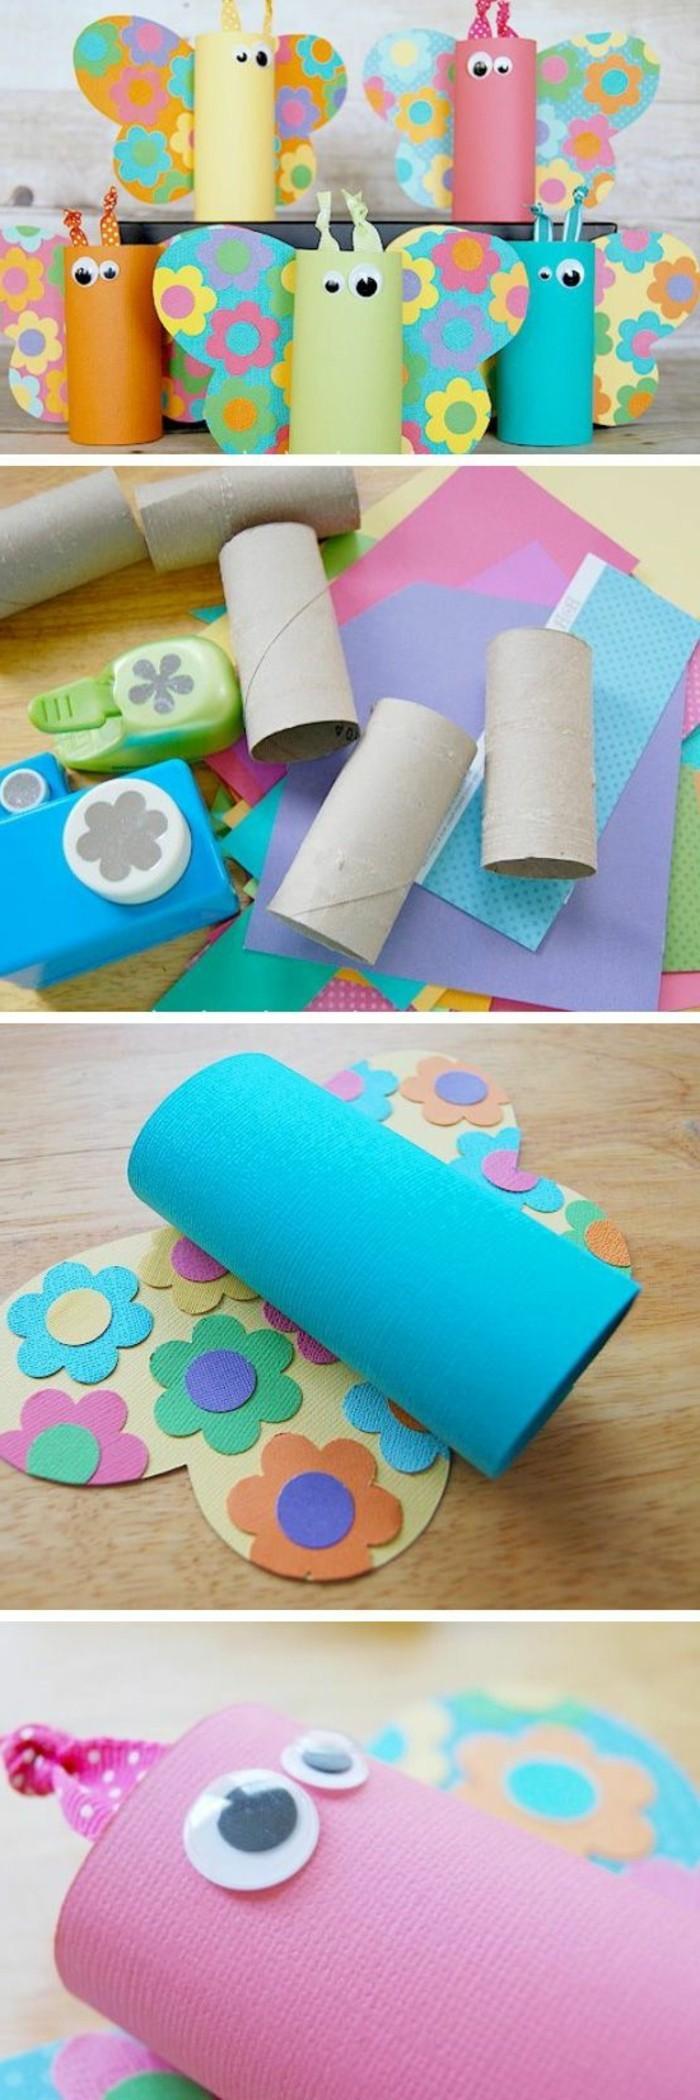 lavoretti-manuali-per-bambini-farfalle-colorate-realizzate-rotoli-carta-igienica-cartoncino-ali-fiori-incollati